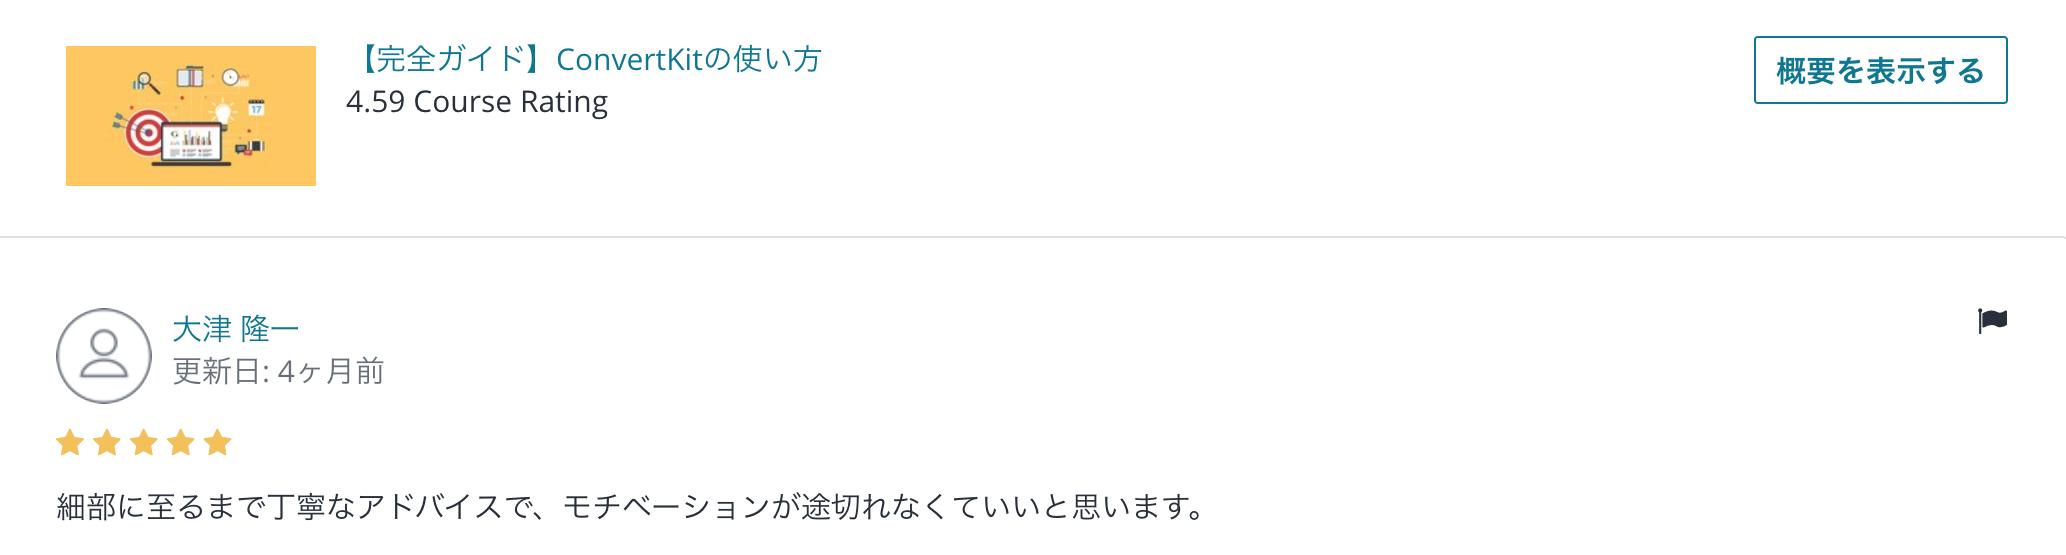 スクリーンショット 2020 02 07 17.02.50